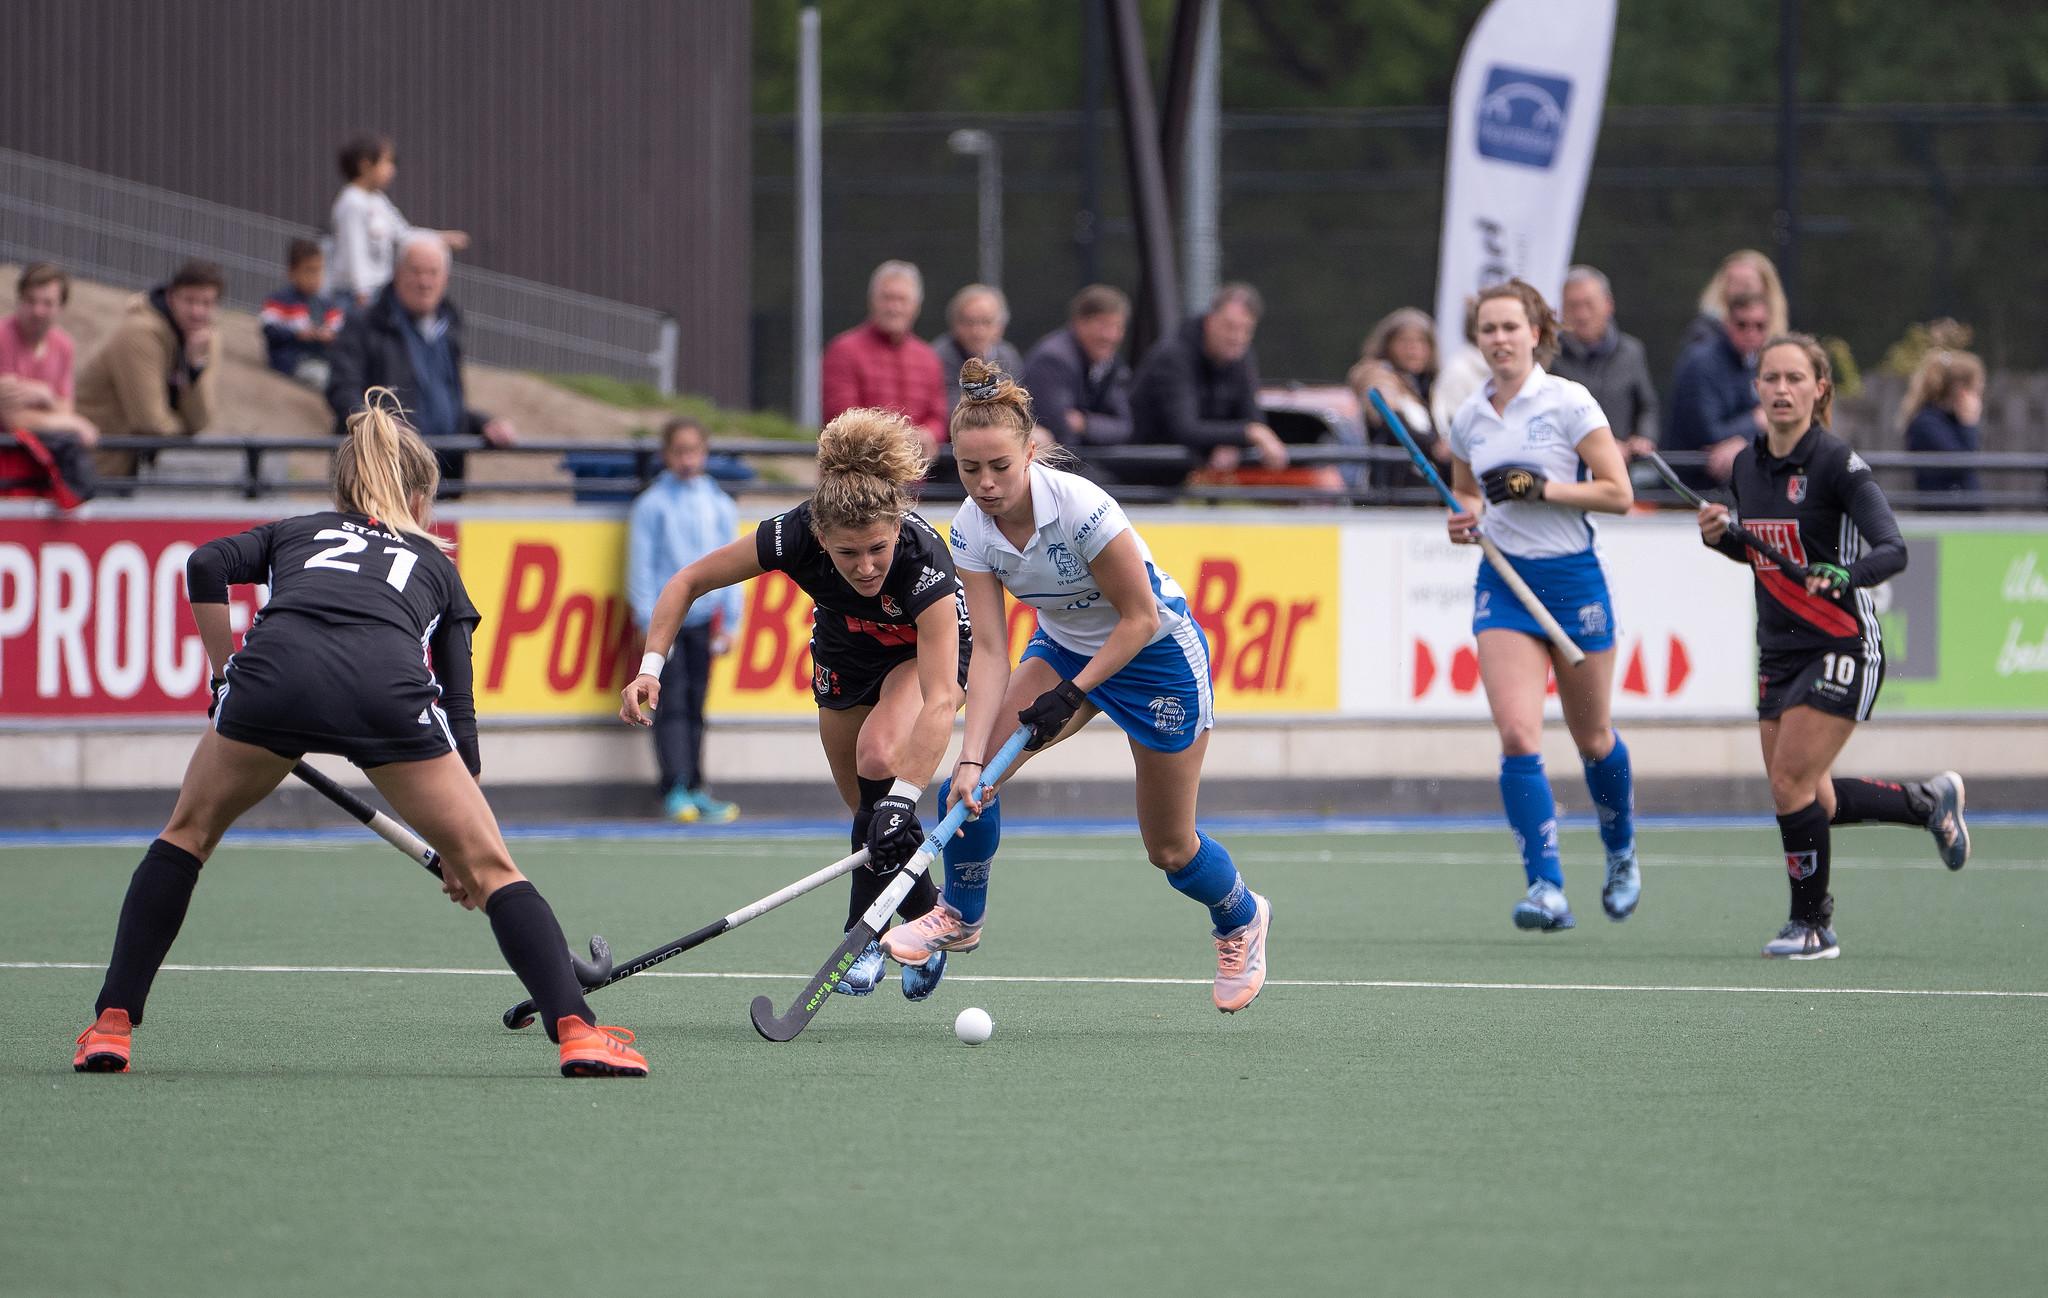 Pam Imhof werkt hard om zich in de kijker te spelen bij Oranje